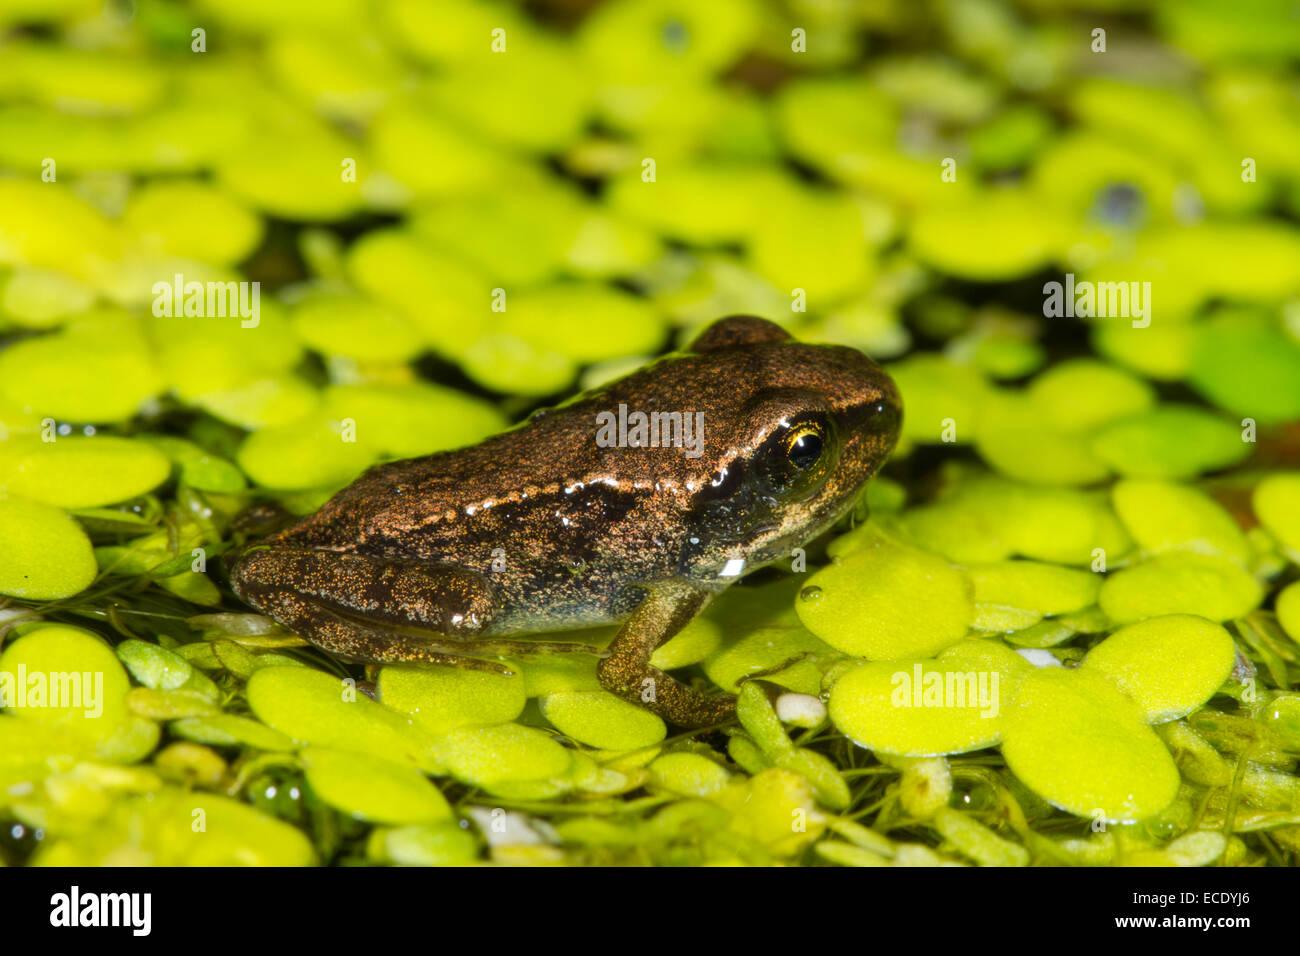 Grenouille Rousse (Rana temporaria) grenouillette, sur la lentille d'eau (Lemna sp.) dans un étang de jardin. Photo Stock